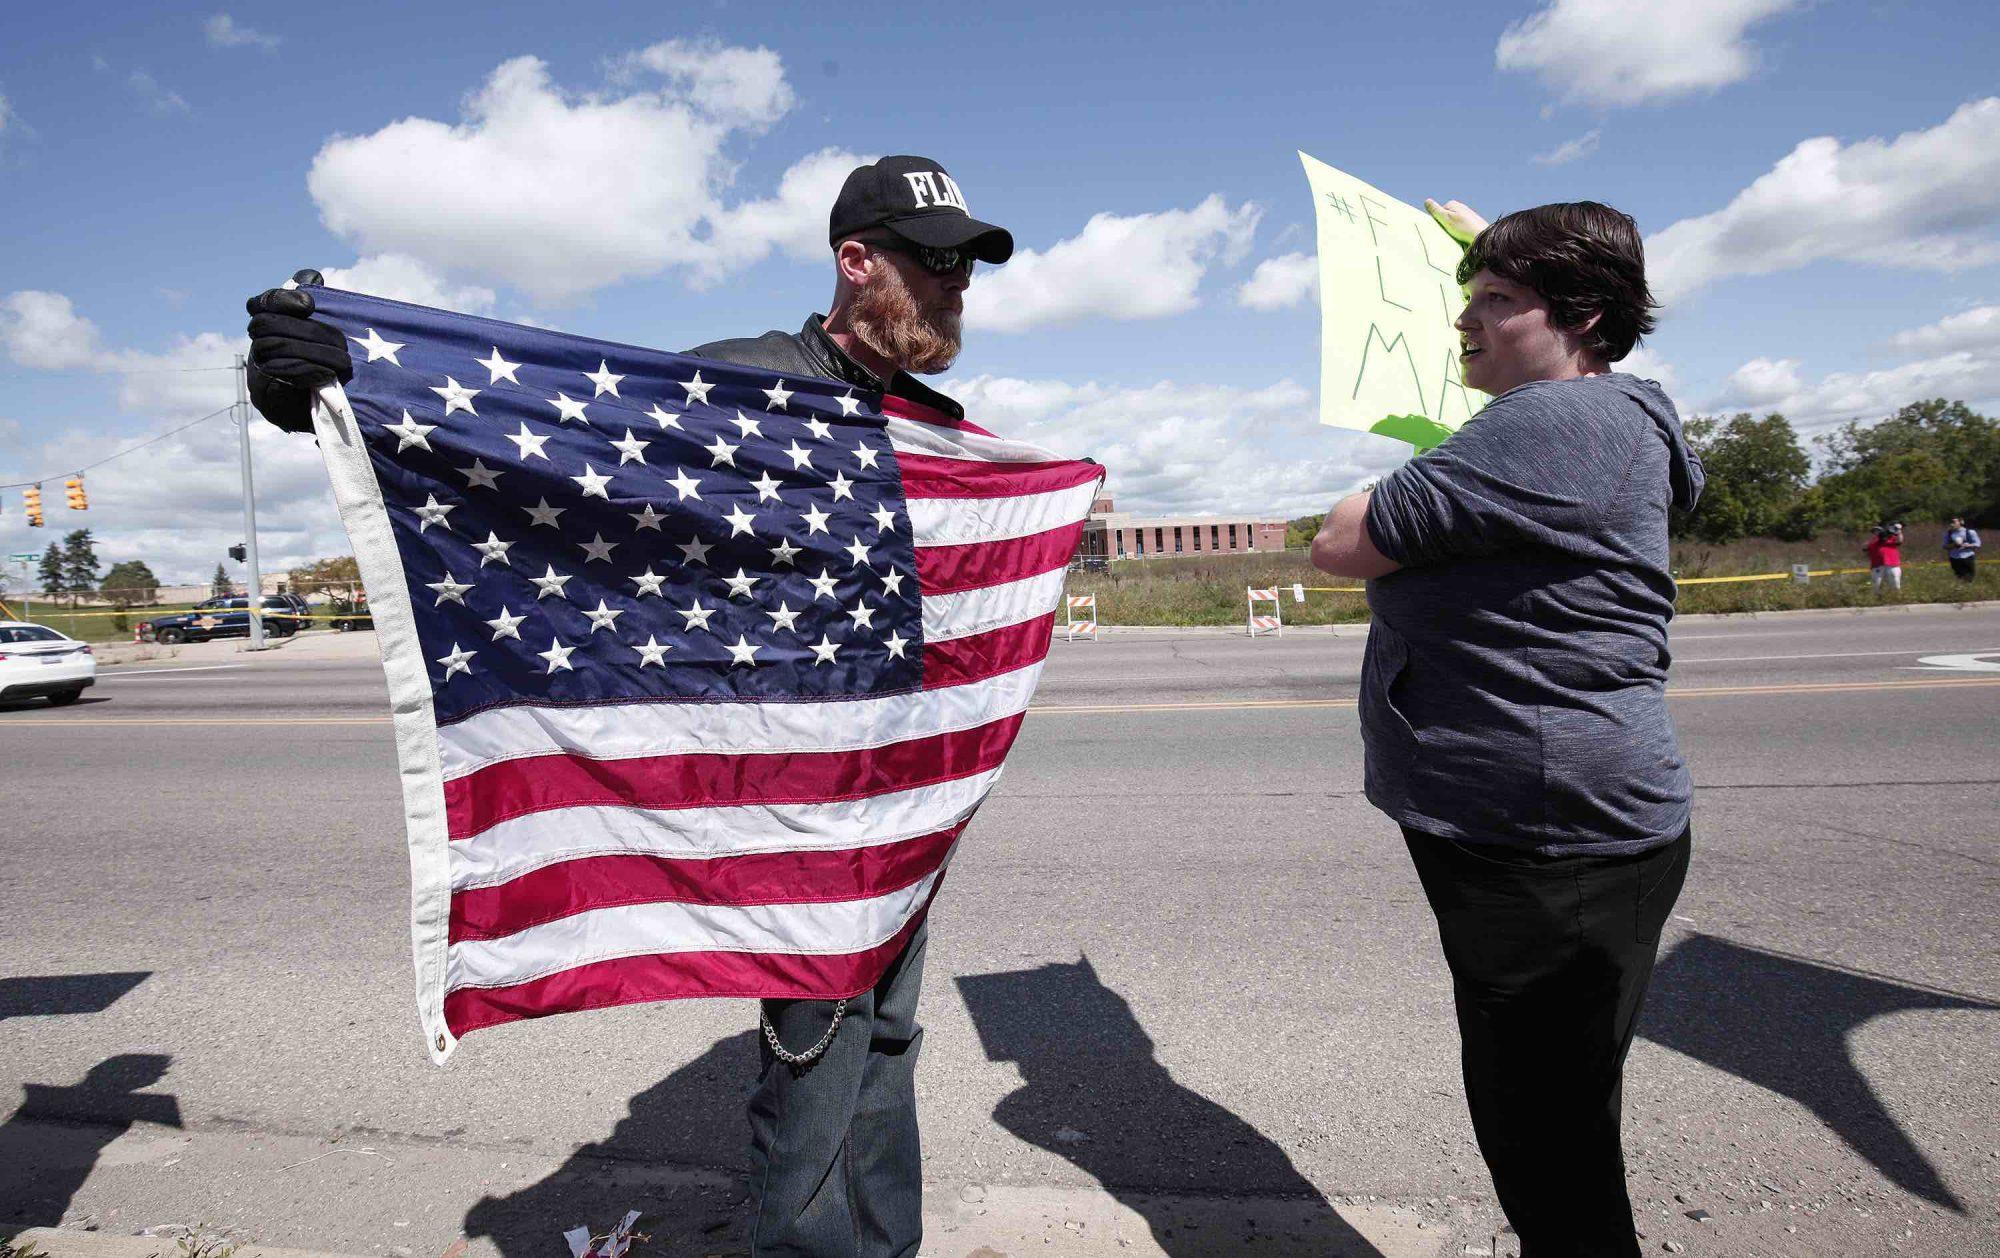 Discusión entre partidario de Trump (izquierda) contra manifestante anti-Trump (derecha).